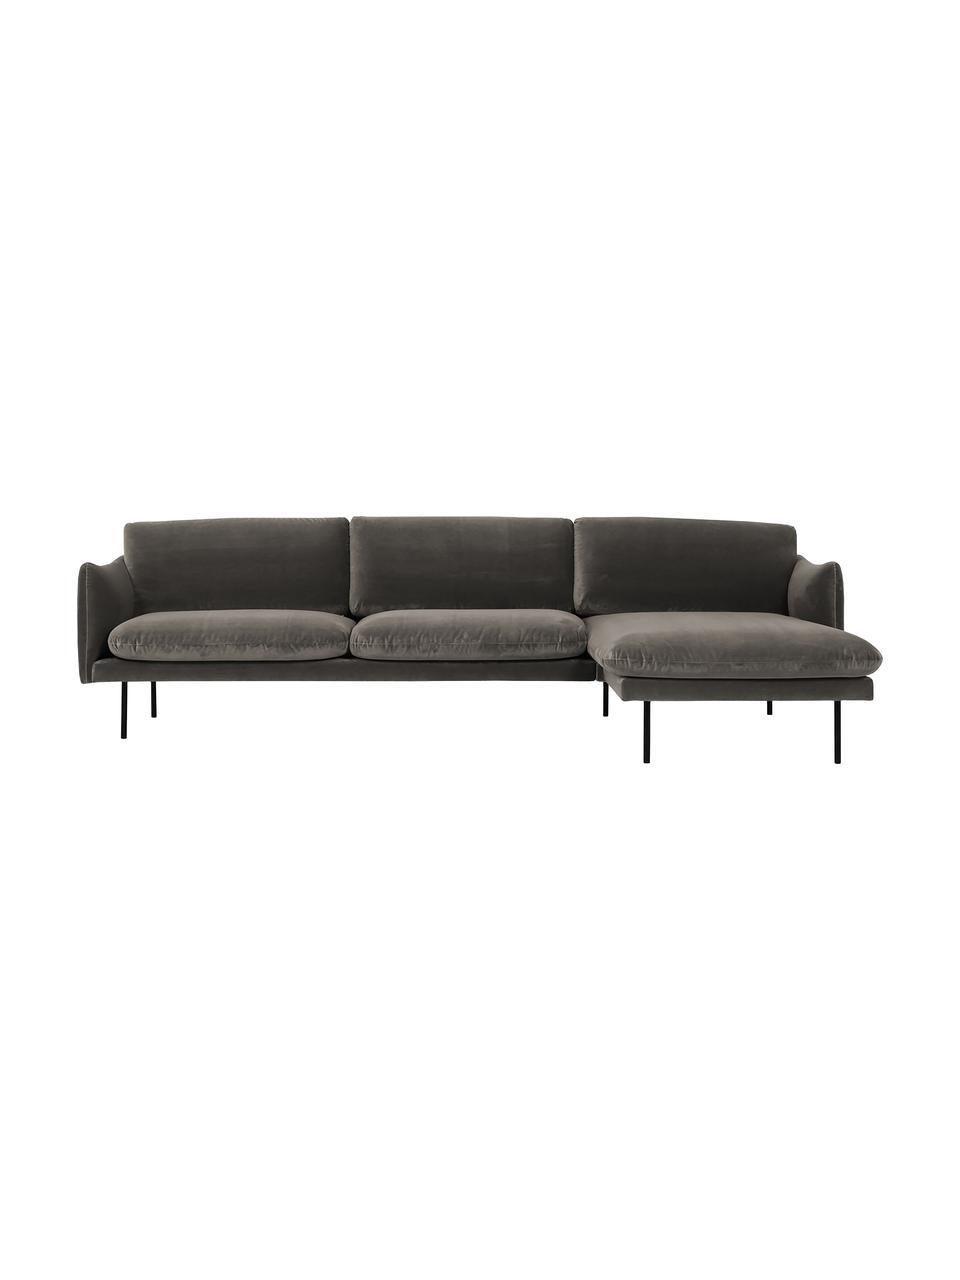 Sofa narożna z aksamitu z metalowymi nogami Moby, Tapicerka: aksamit (wysokiej jakości, Nogi: metal malowany proszkowo, Aksamitny szarobrązowy, S 280 x G 160 cm